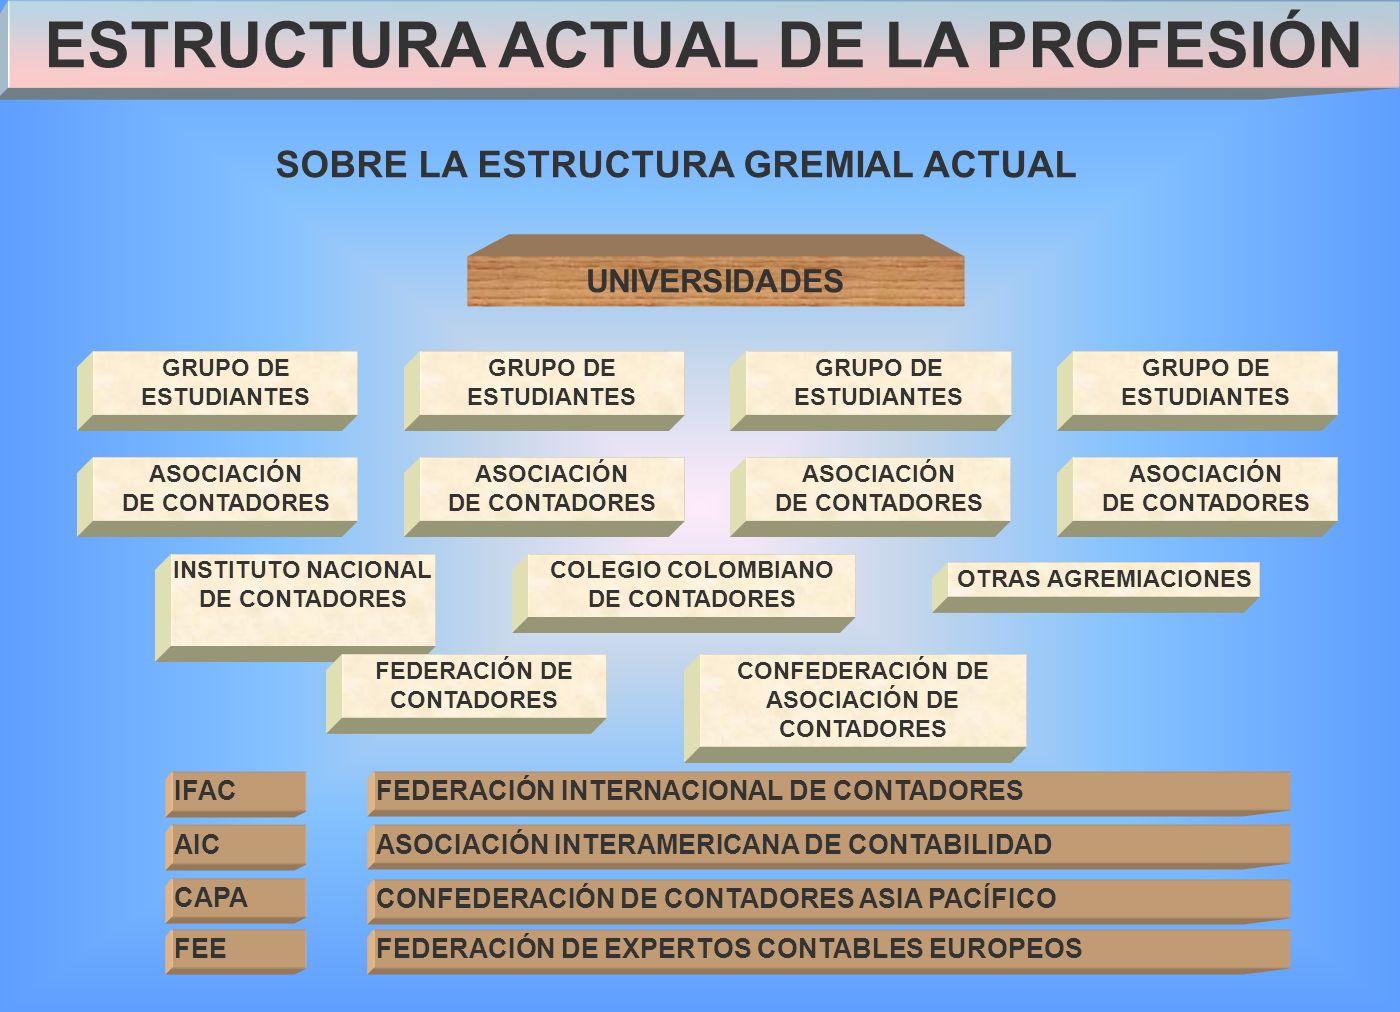 ESTRUCTURA ACTUAL DE LA PROFESIÓN SOBRE LA ESTRUCTURA GREMIAL ACTUAL